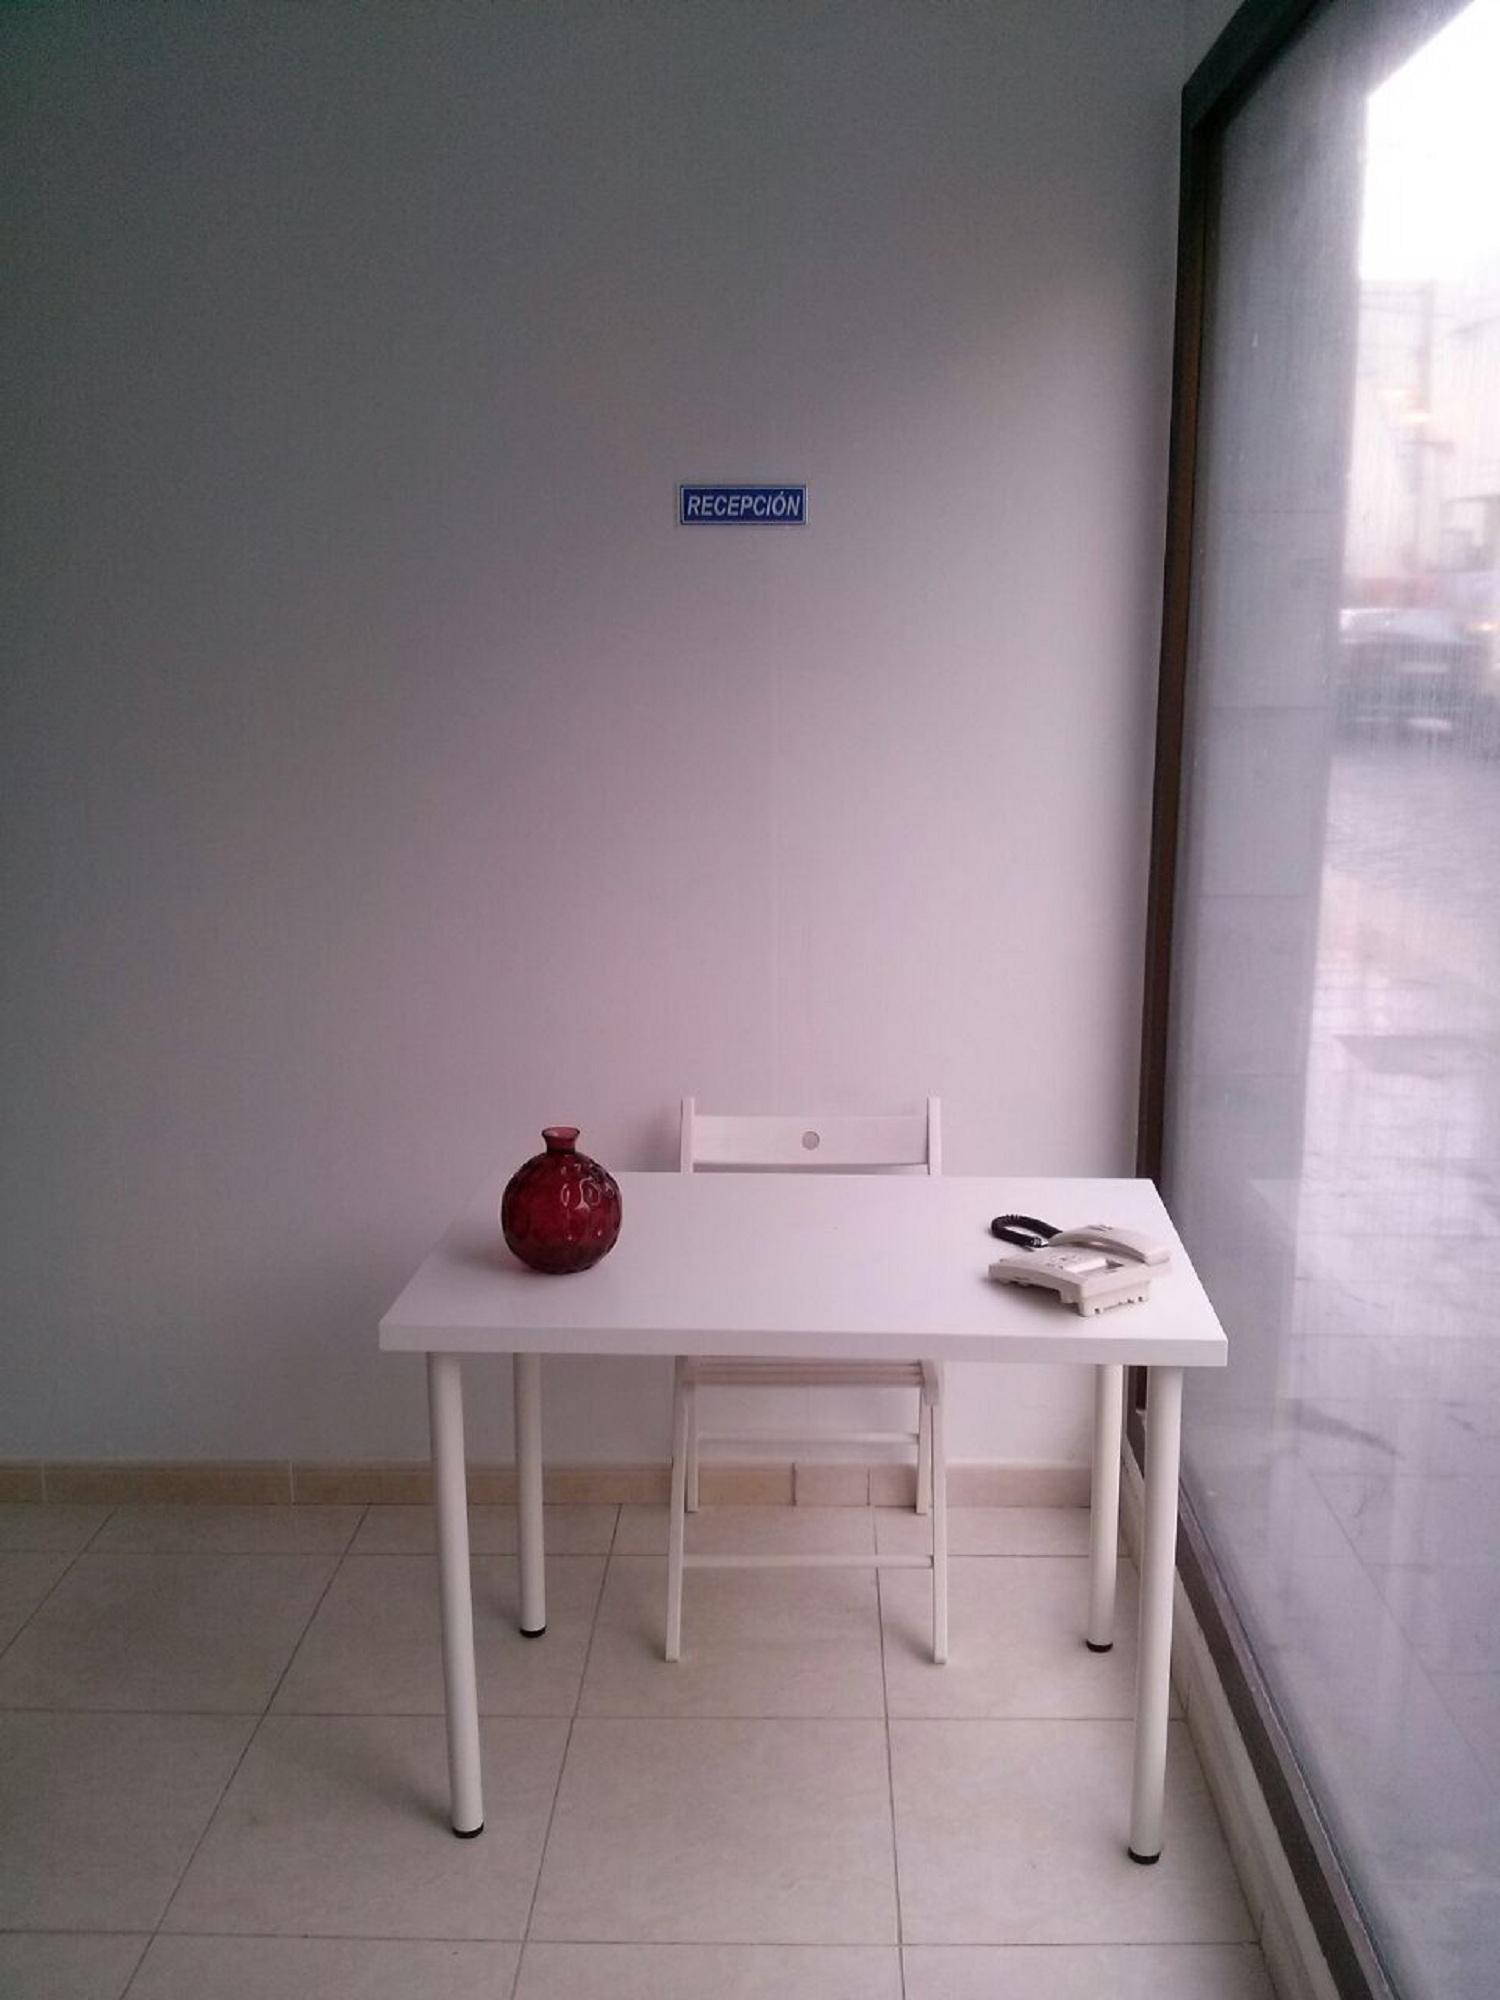 Lab. Damian Trujillo - UPOM VALVERDEVal